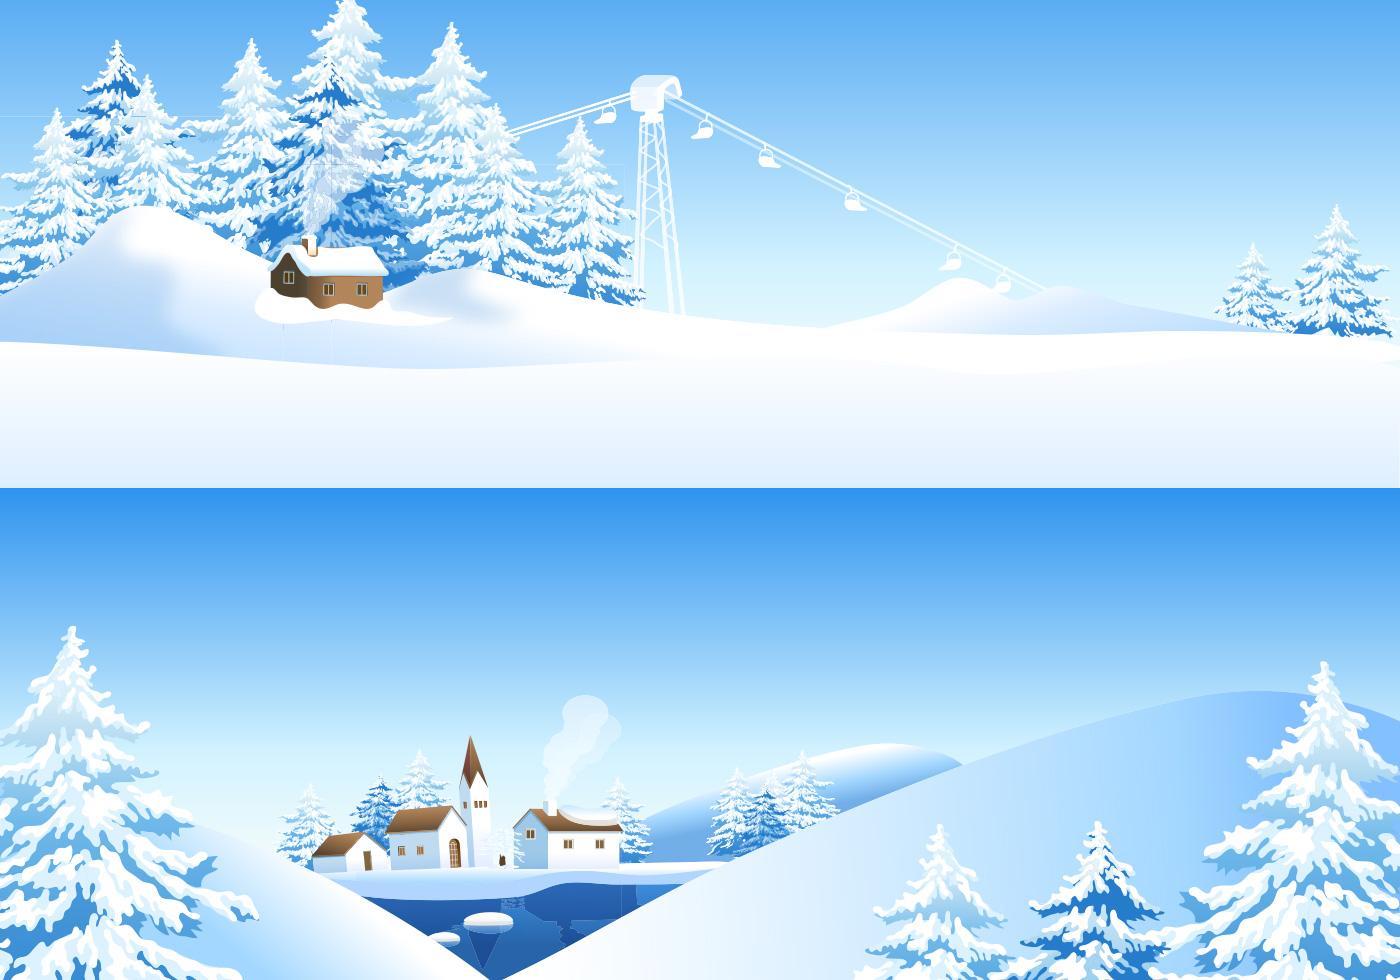 winter landscape vector wallpaper pack download free. Black Bedroom Furniture Sets. Home Design Ideas